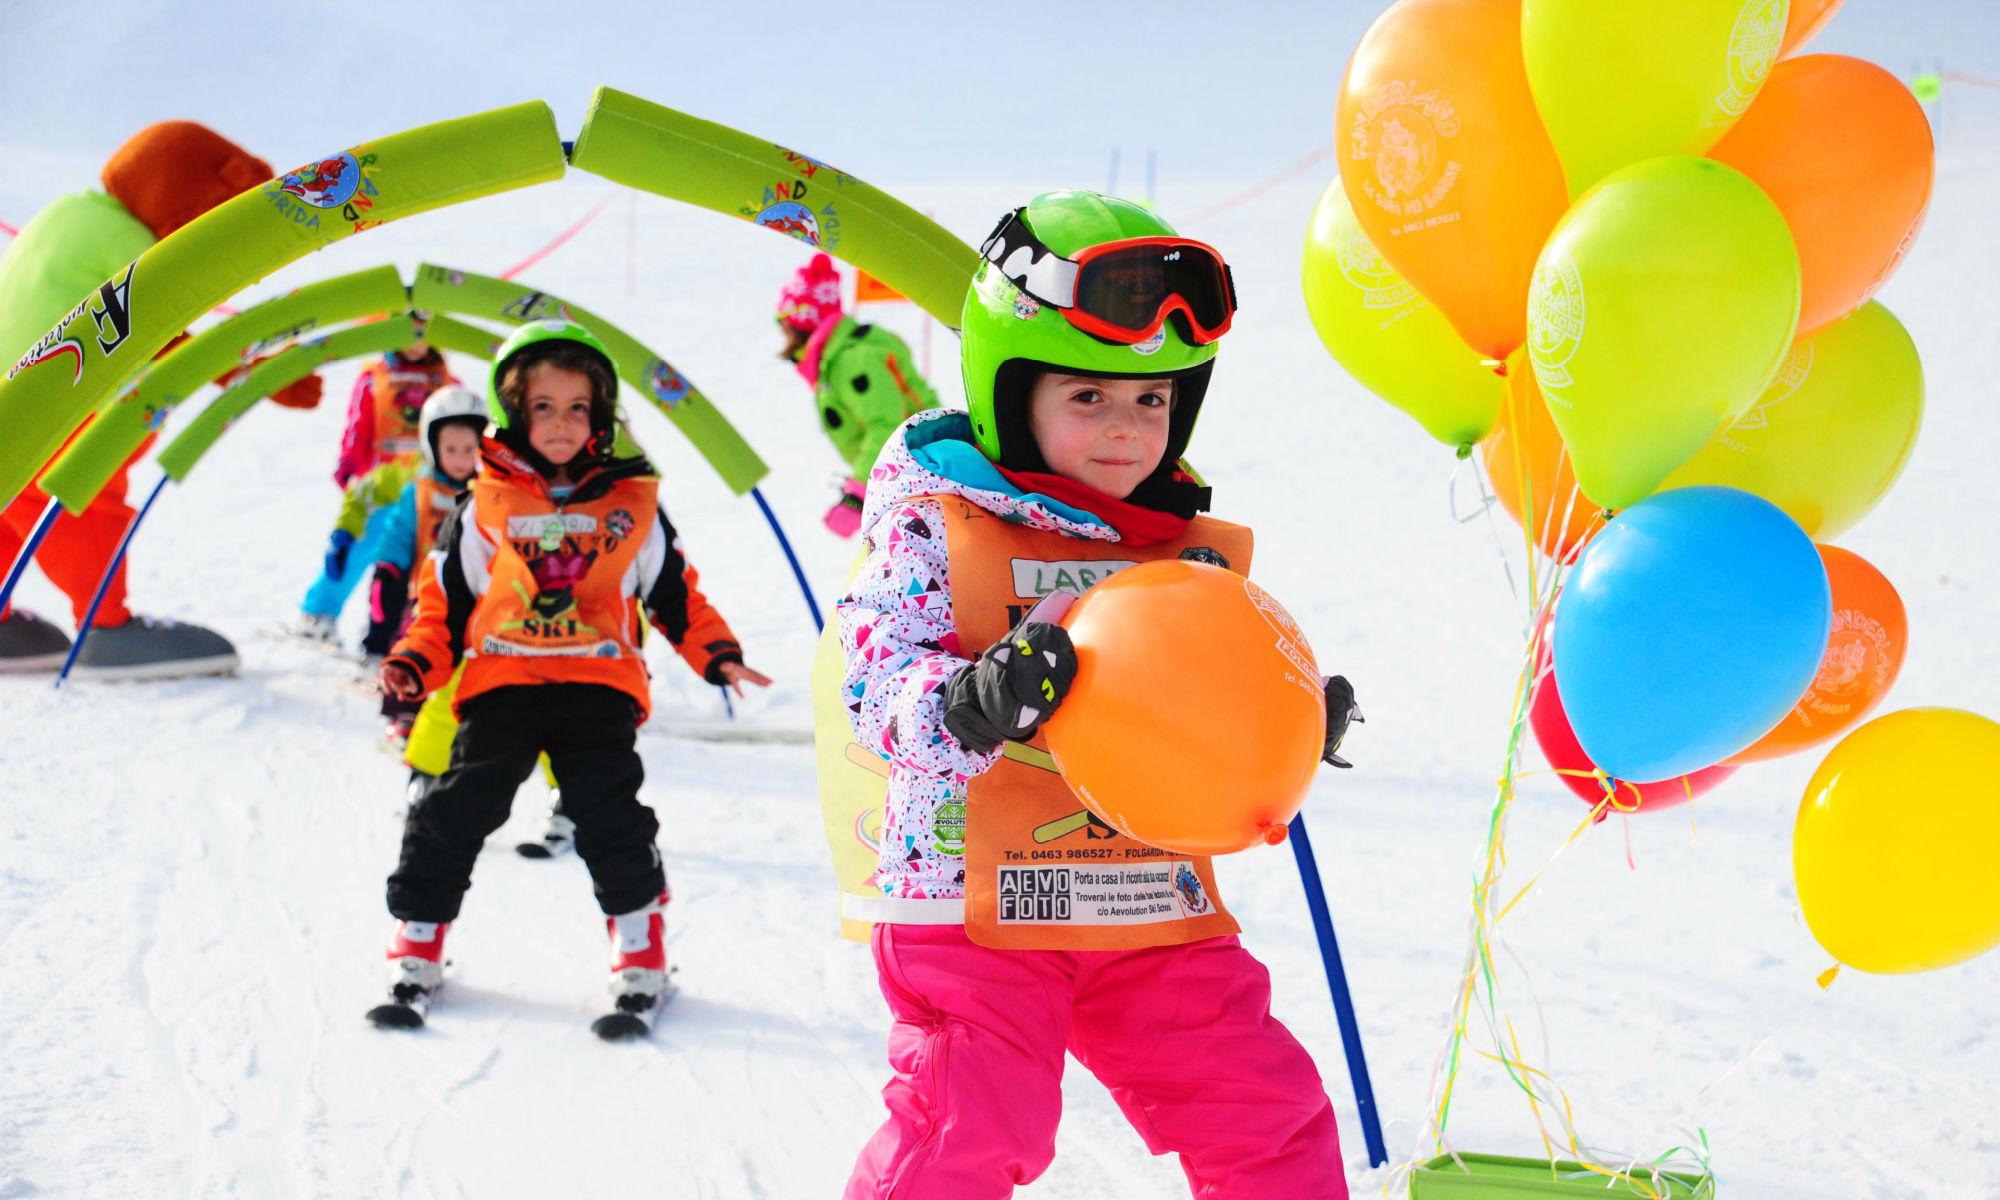 Un gruppo di bambini impara a scivolare sulla neve, attraversando un percorso colorato e trasportando palloncini.